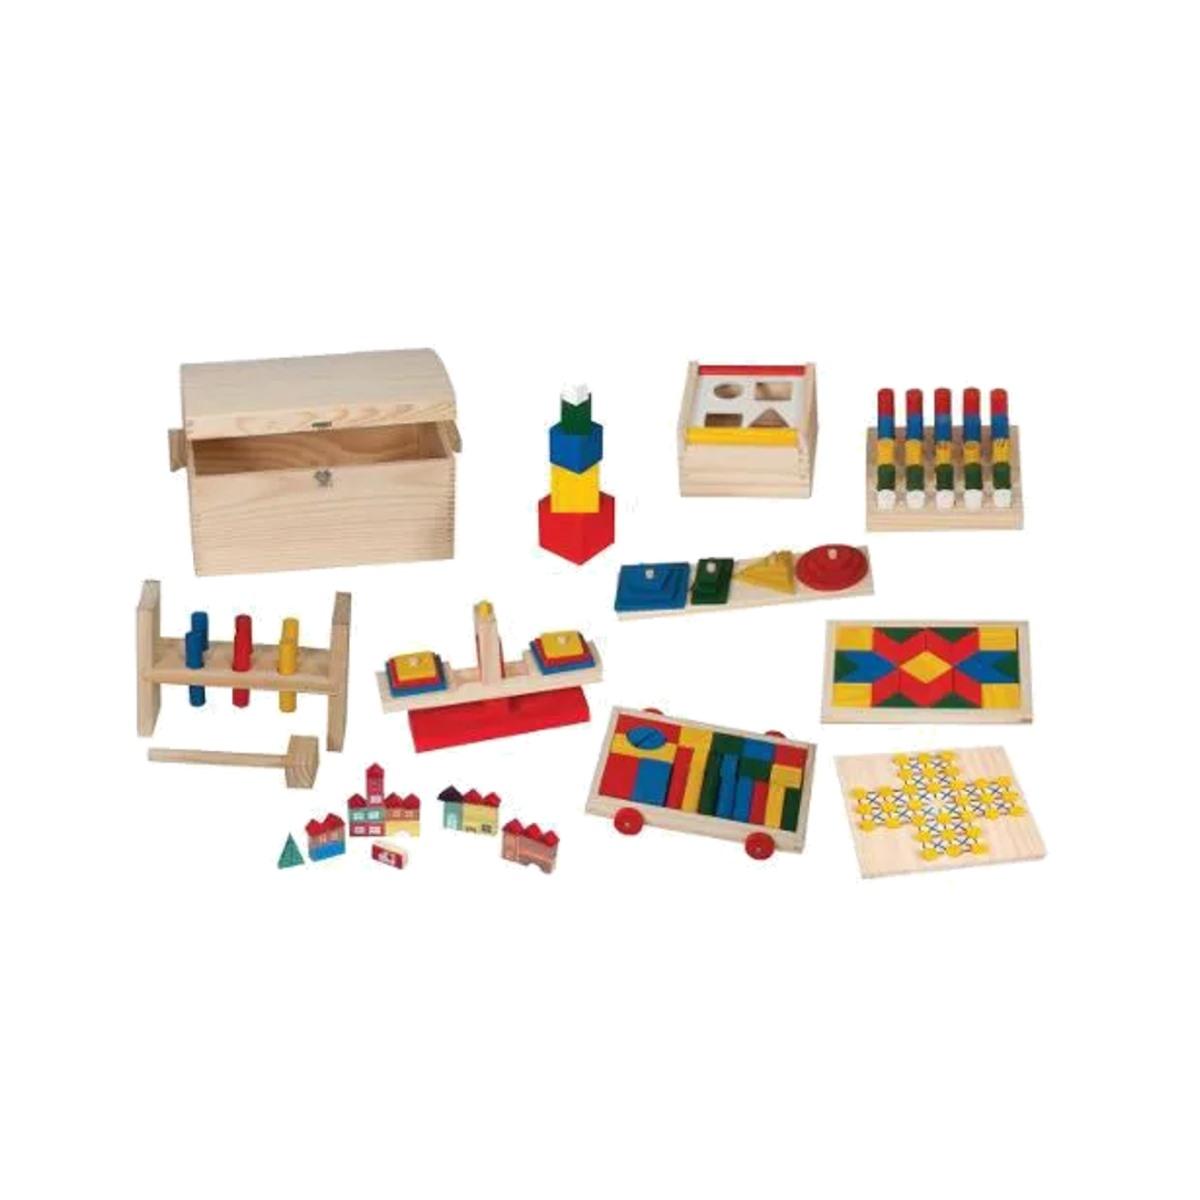 Brinquedos de Madeira - Baú Educativo 10 Brinquedos